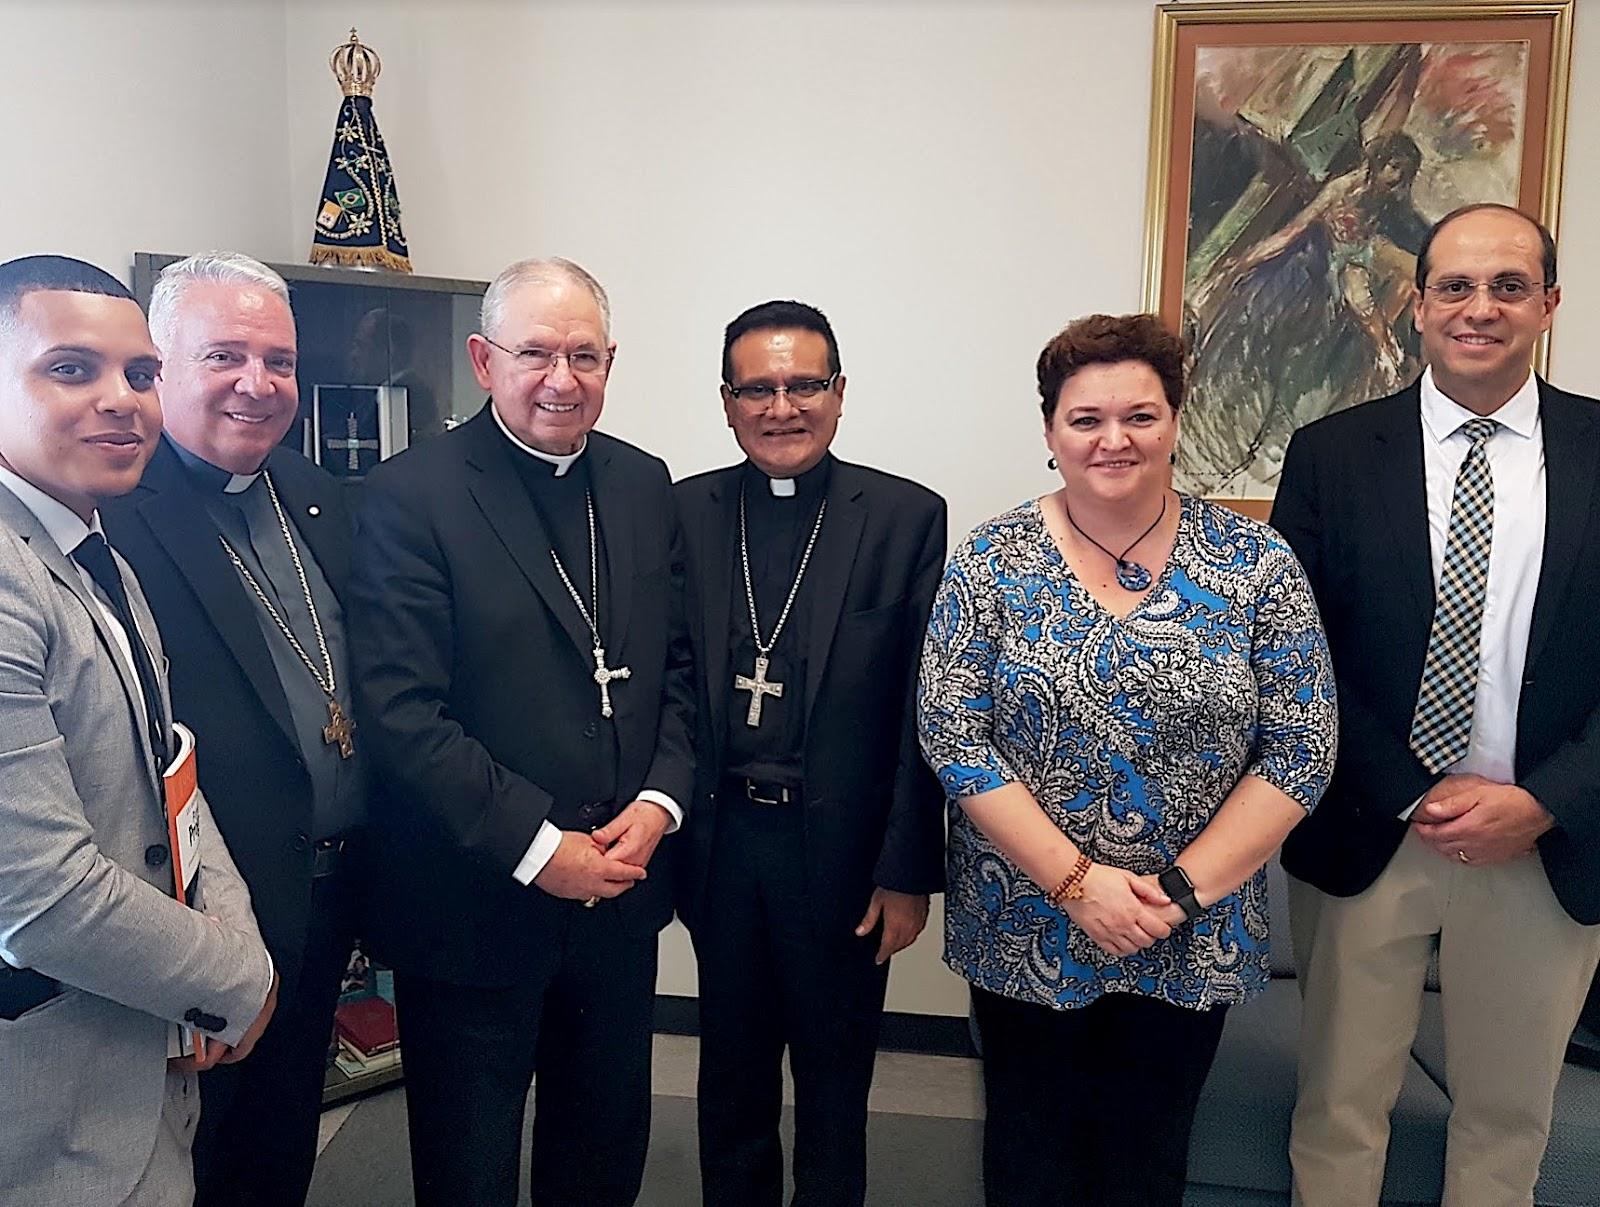 PHỎNG VẤN: Các Giám mục Hoa kỳ trình Đức Thánh Cha Phanxico những kết luận của cuộc họp về thừa tác vụ Hispanic-Latin lần thứ 5